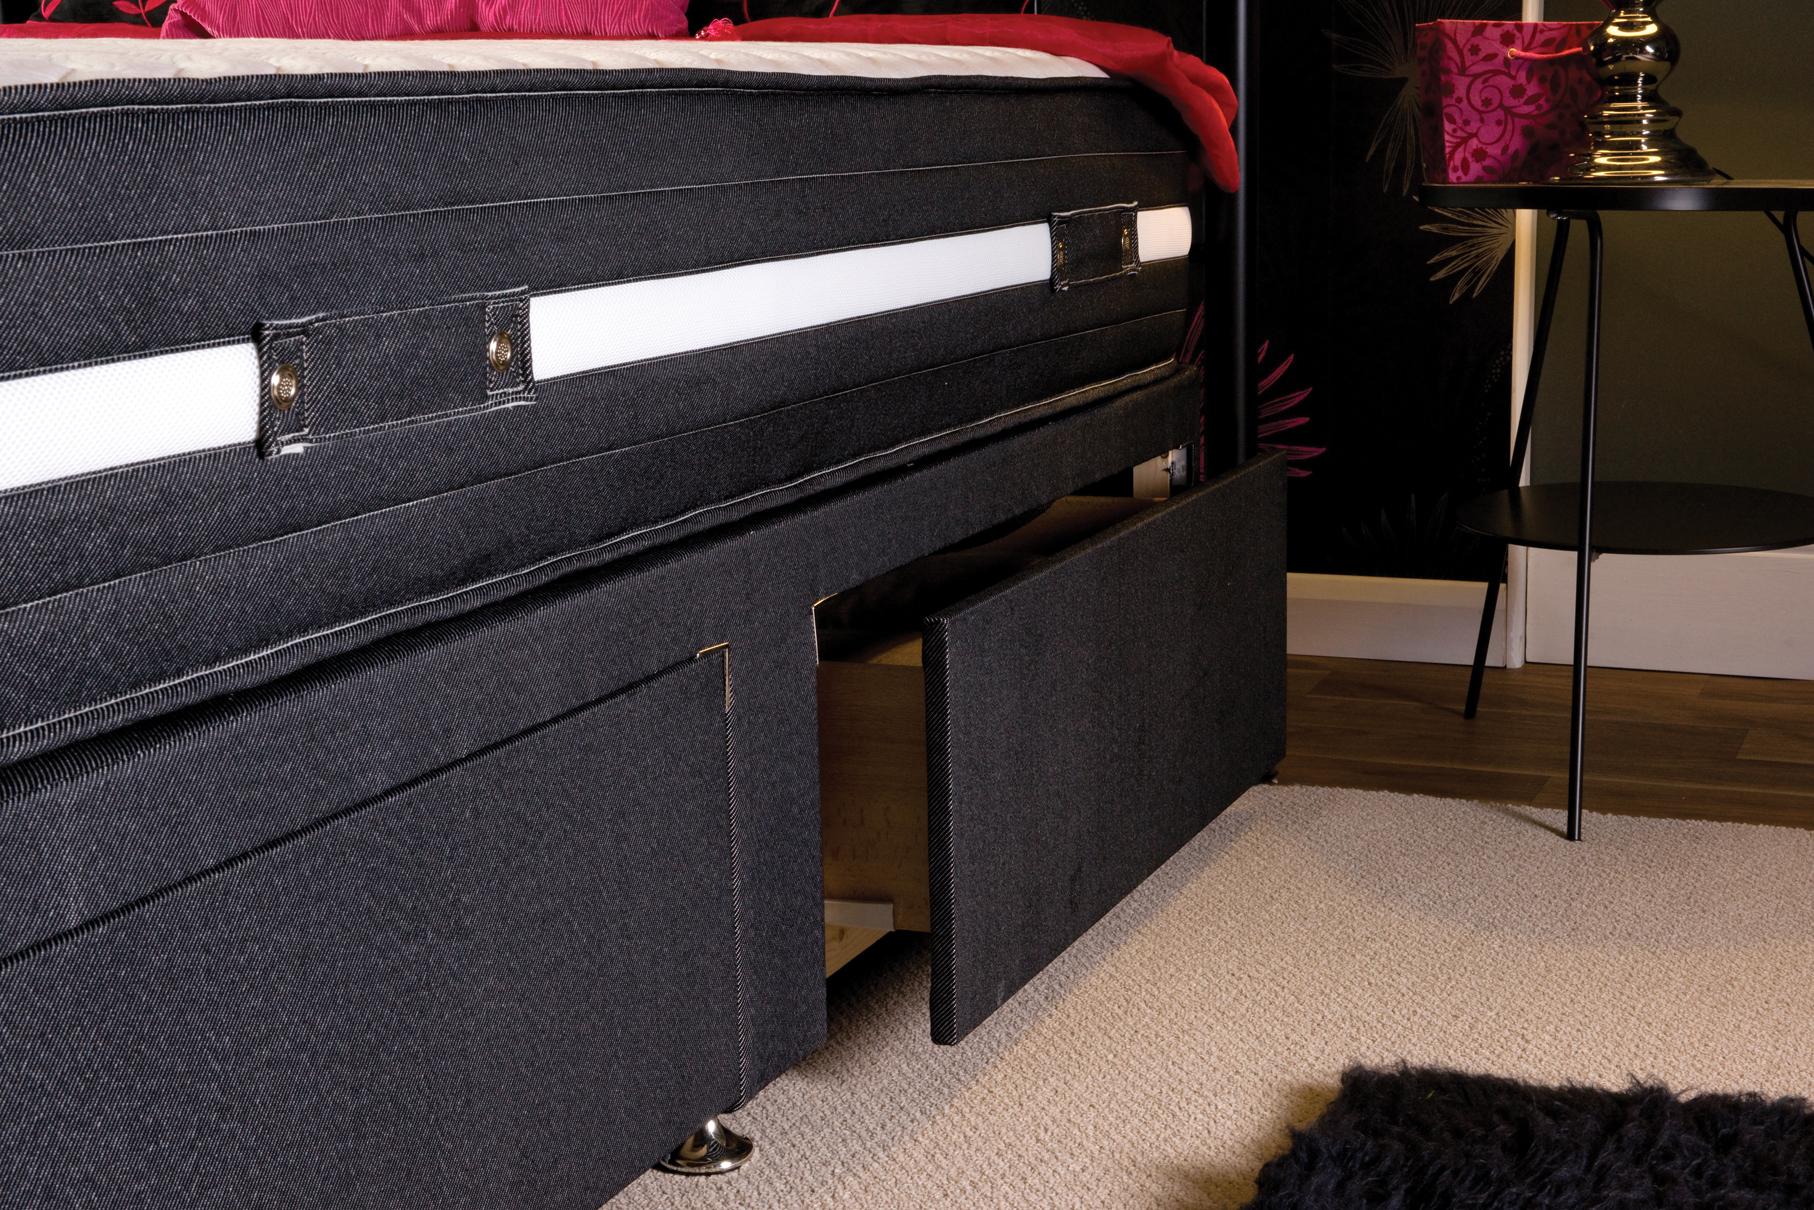 Sony dsc st james bed centre king 39 s lynn norfolk for Furniture kings lynn